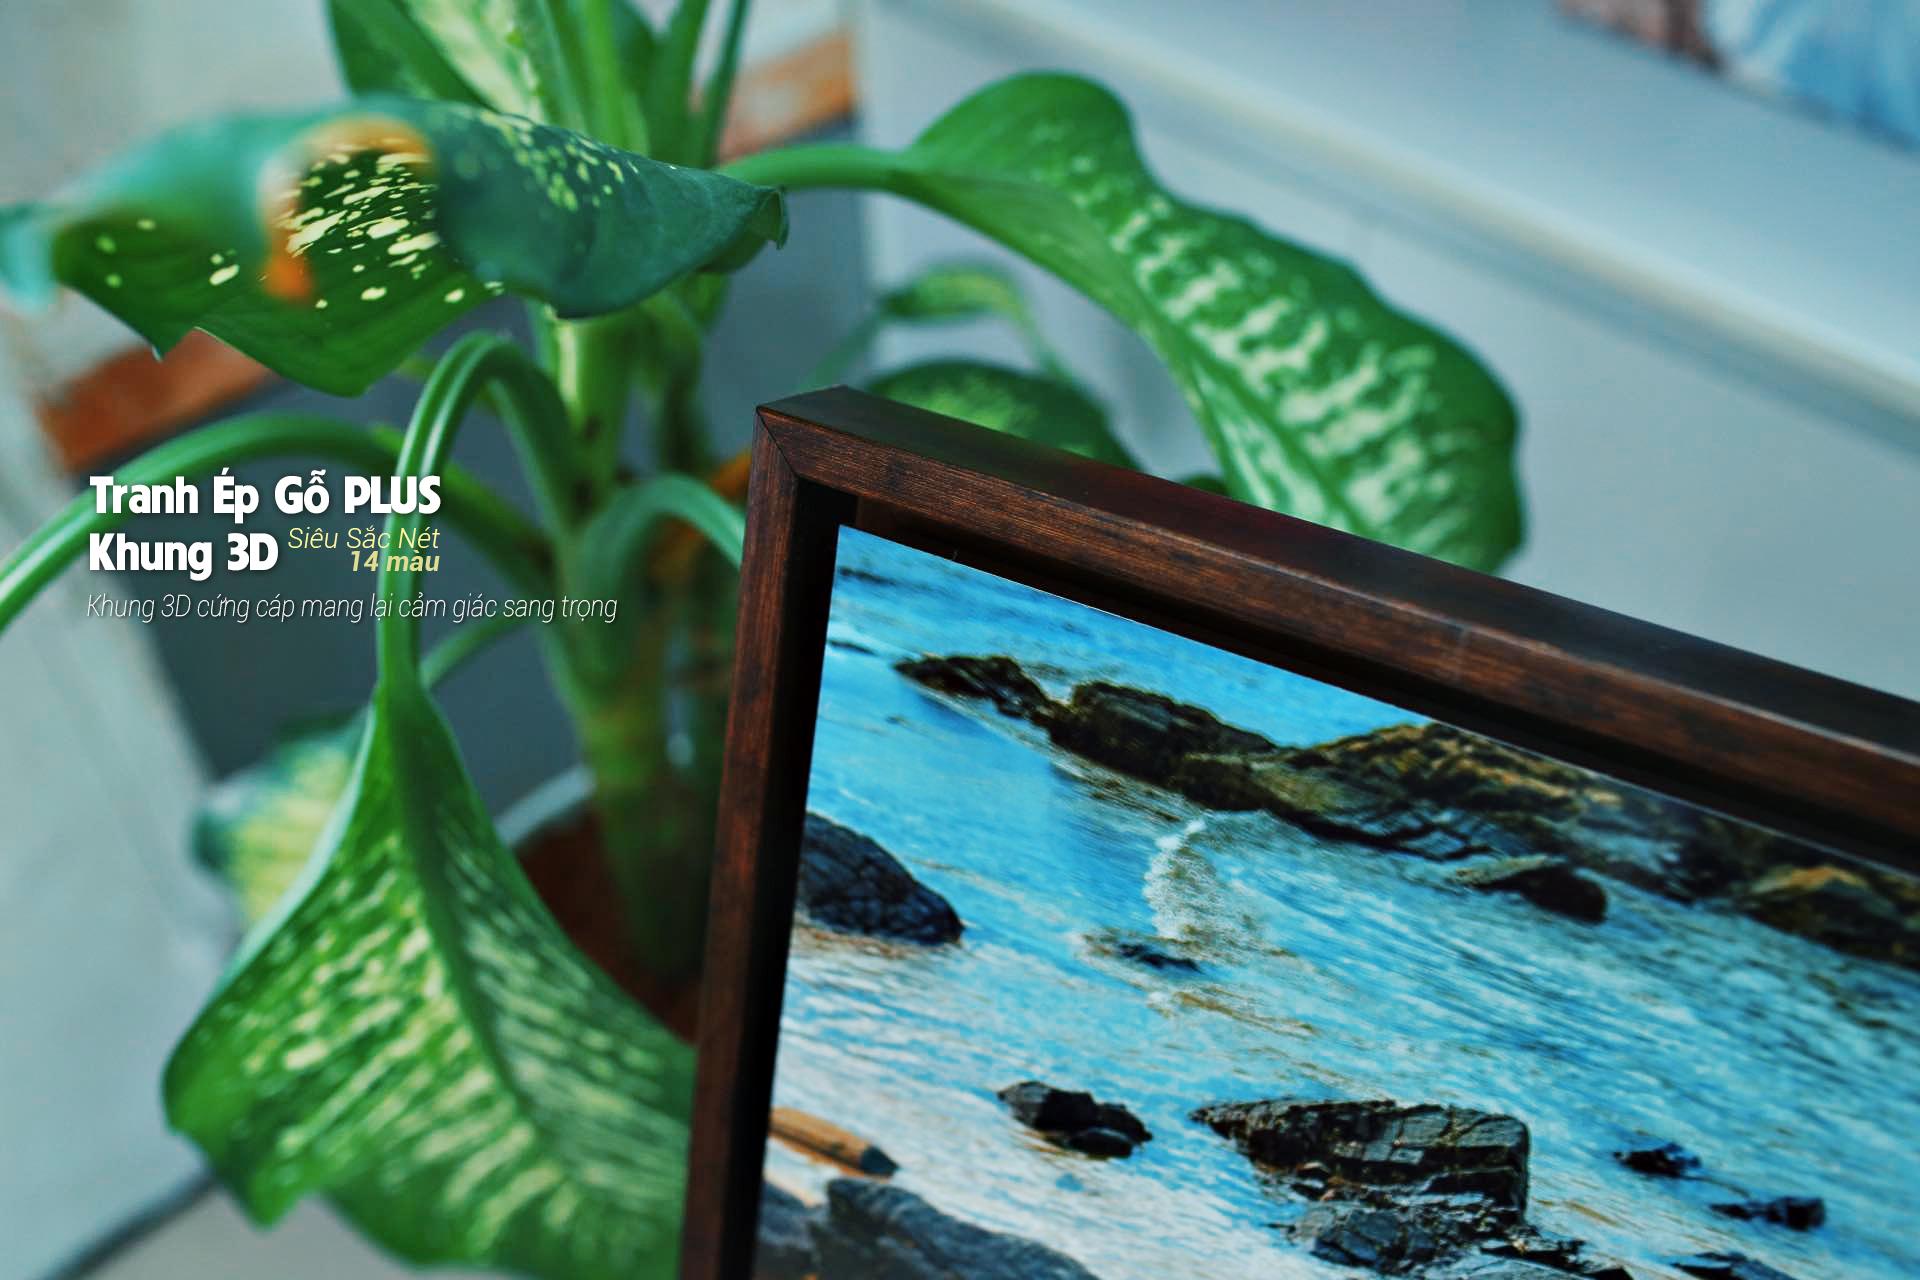 Tranh Ép Gỗ PLUS khung 3D - Siêu Sắc Nét 14 màu